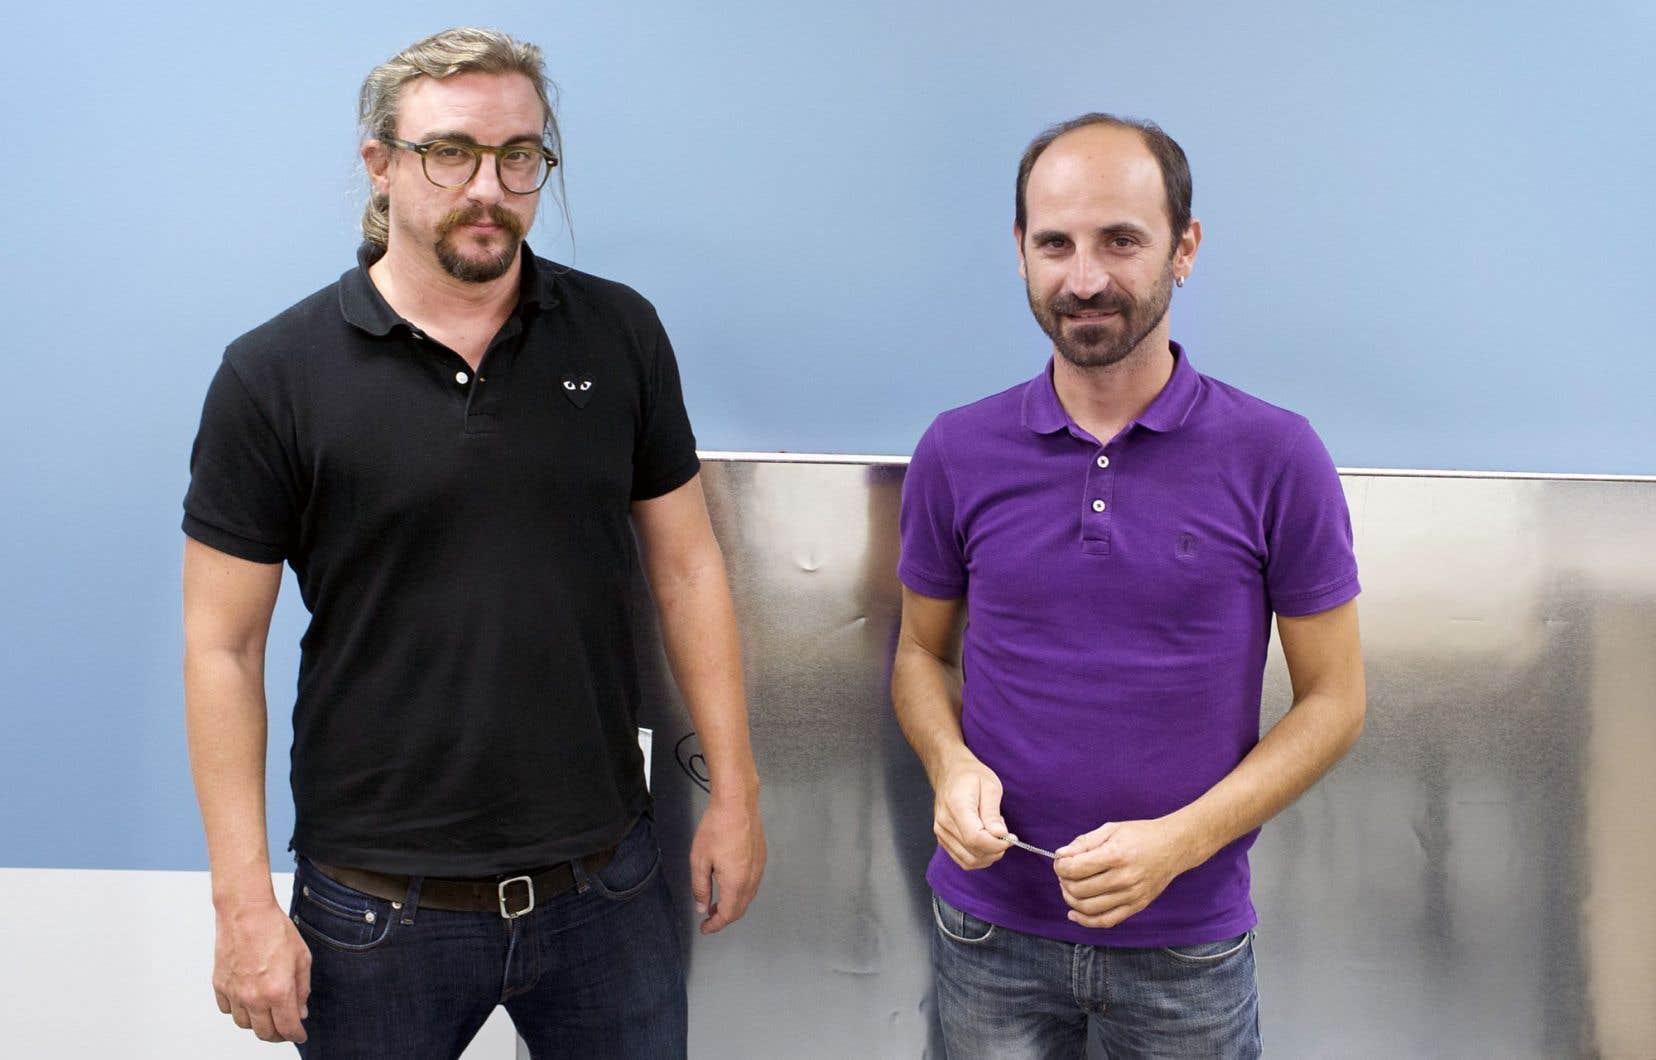 Jorge Lago, de Podemos, et Andreas Karitzis, de Syriza